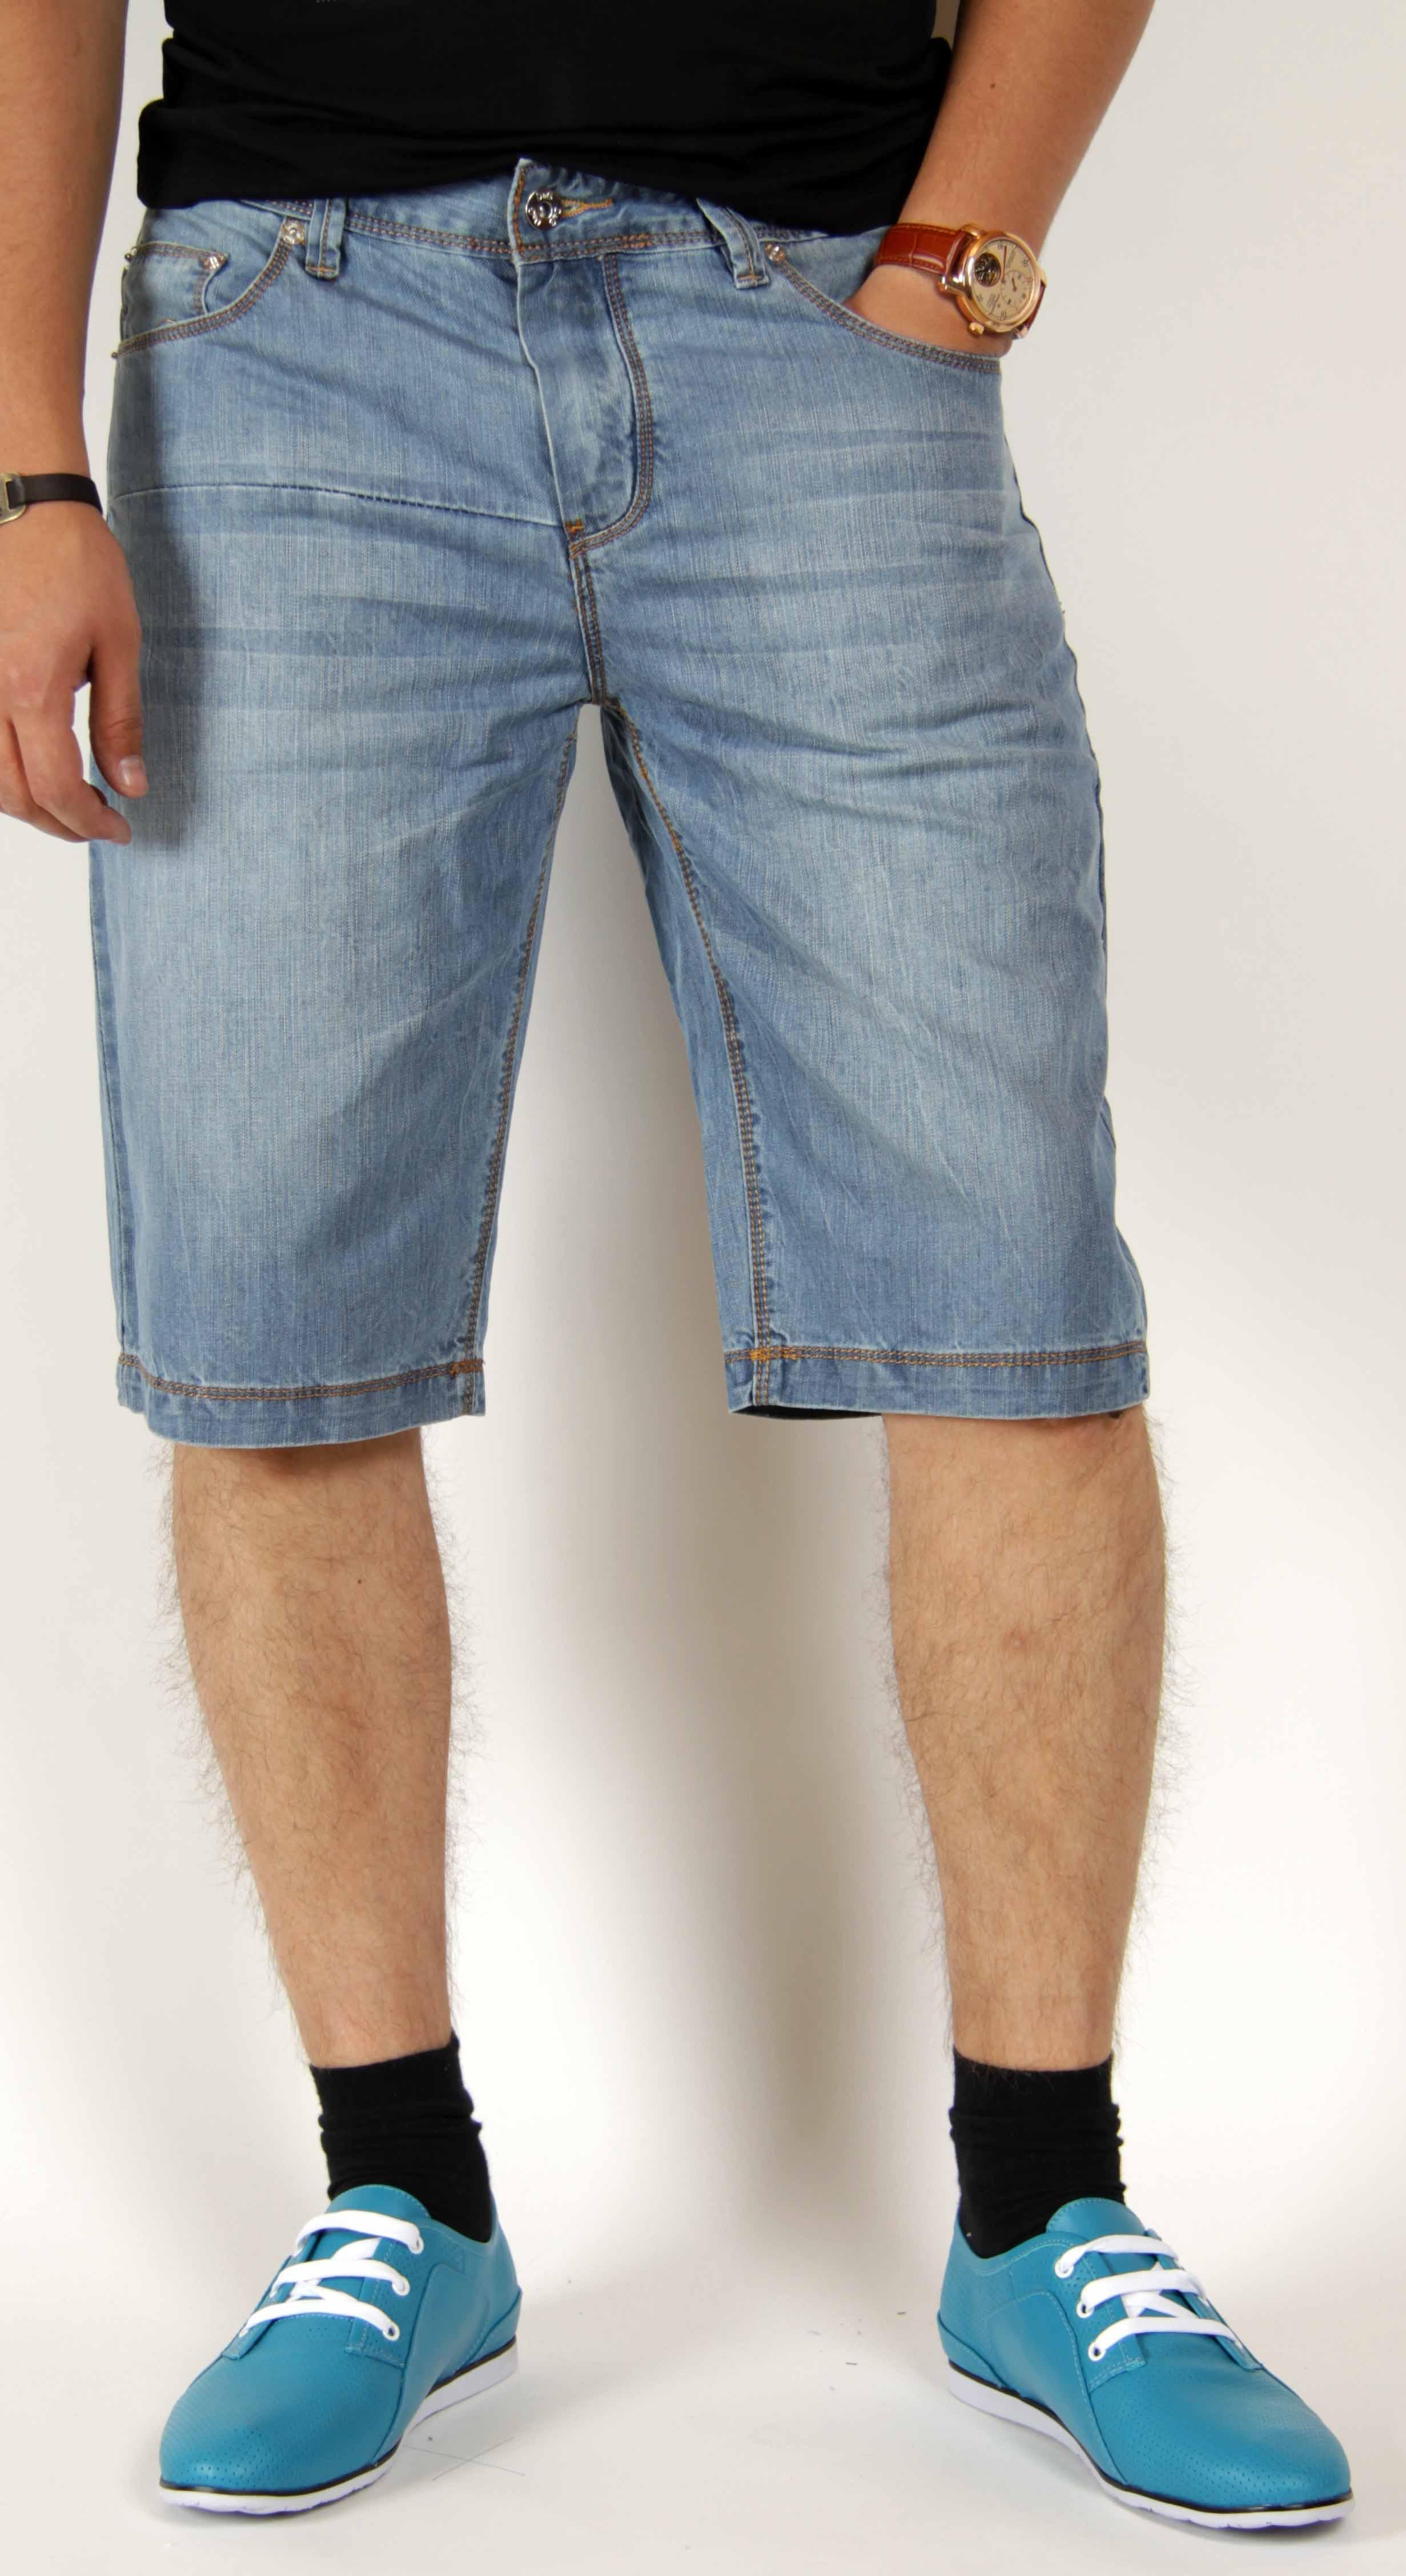 Как из джинс сделать бриджи